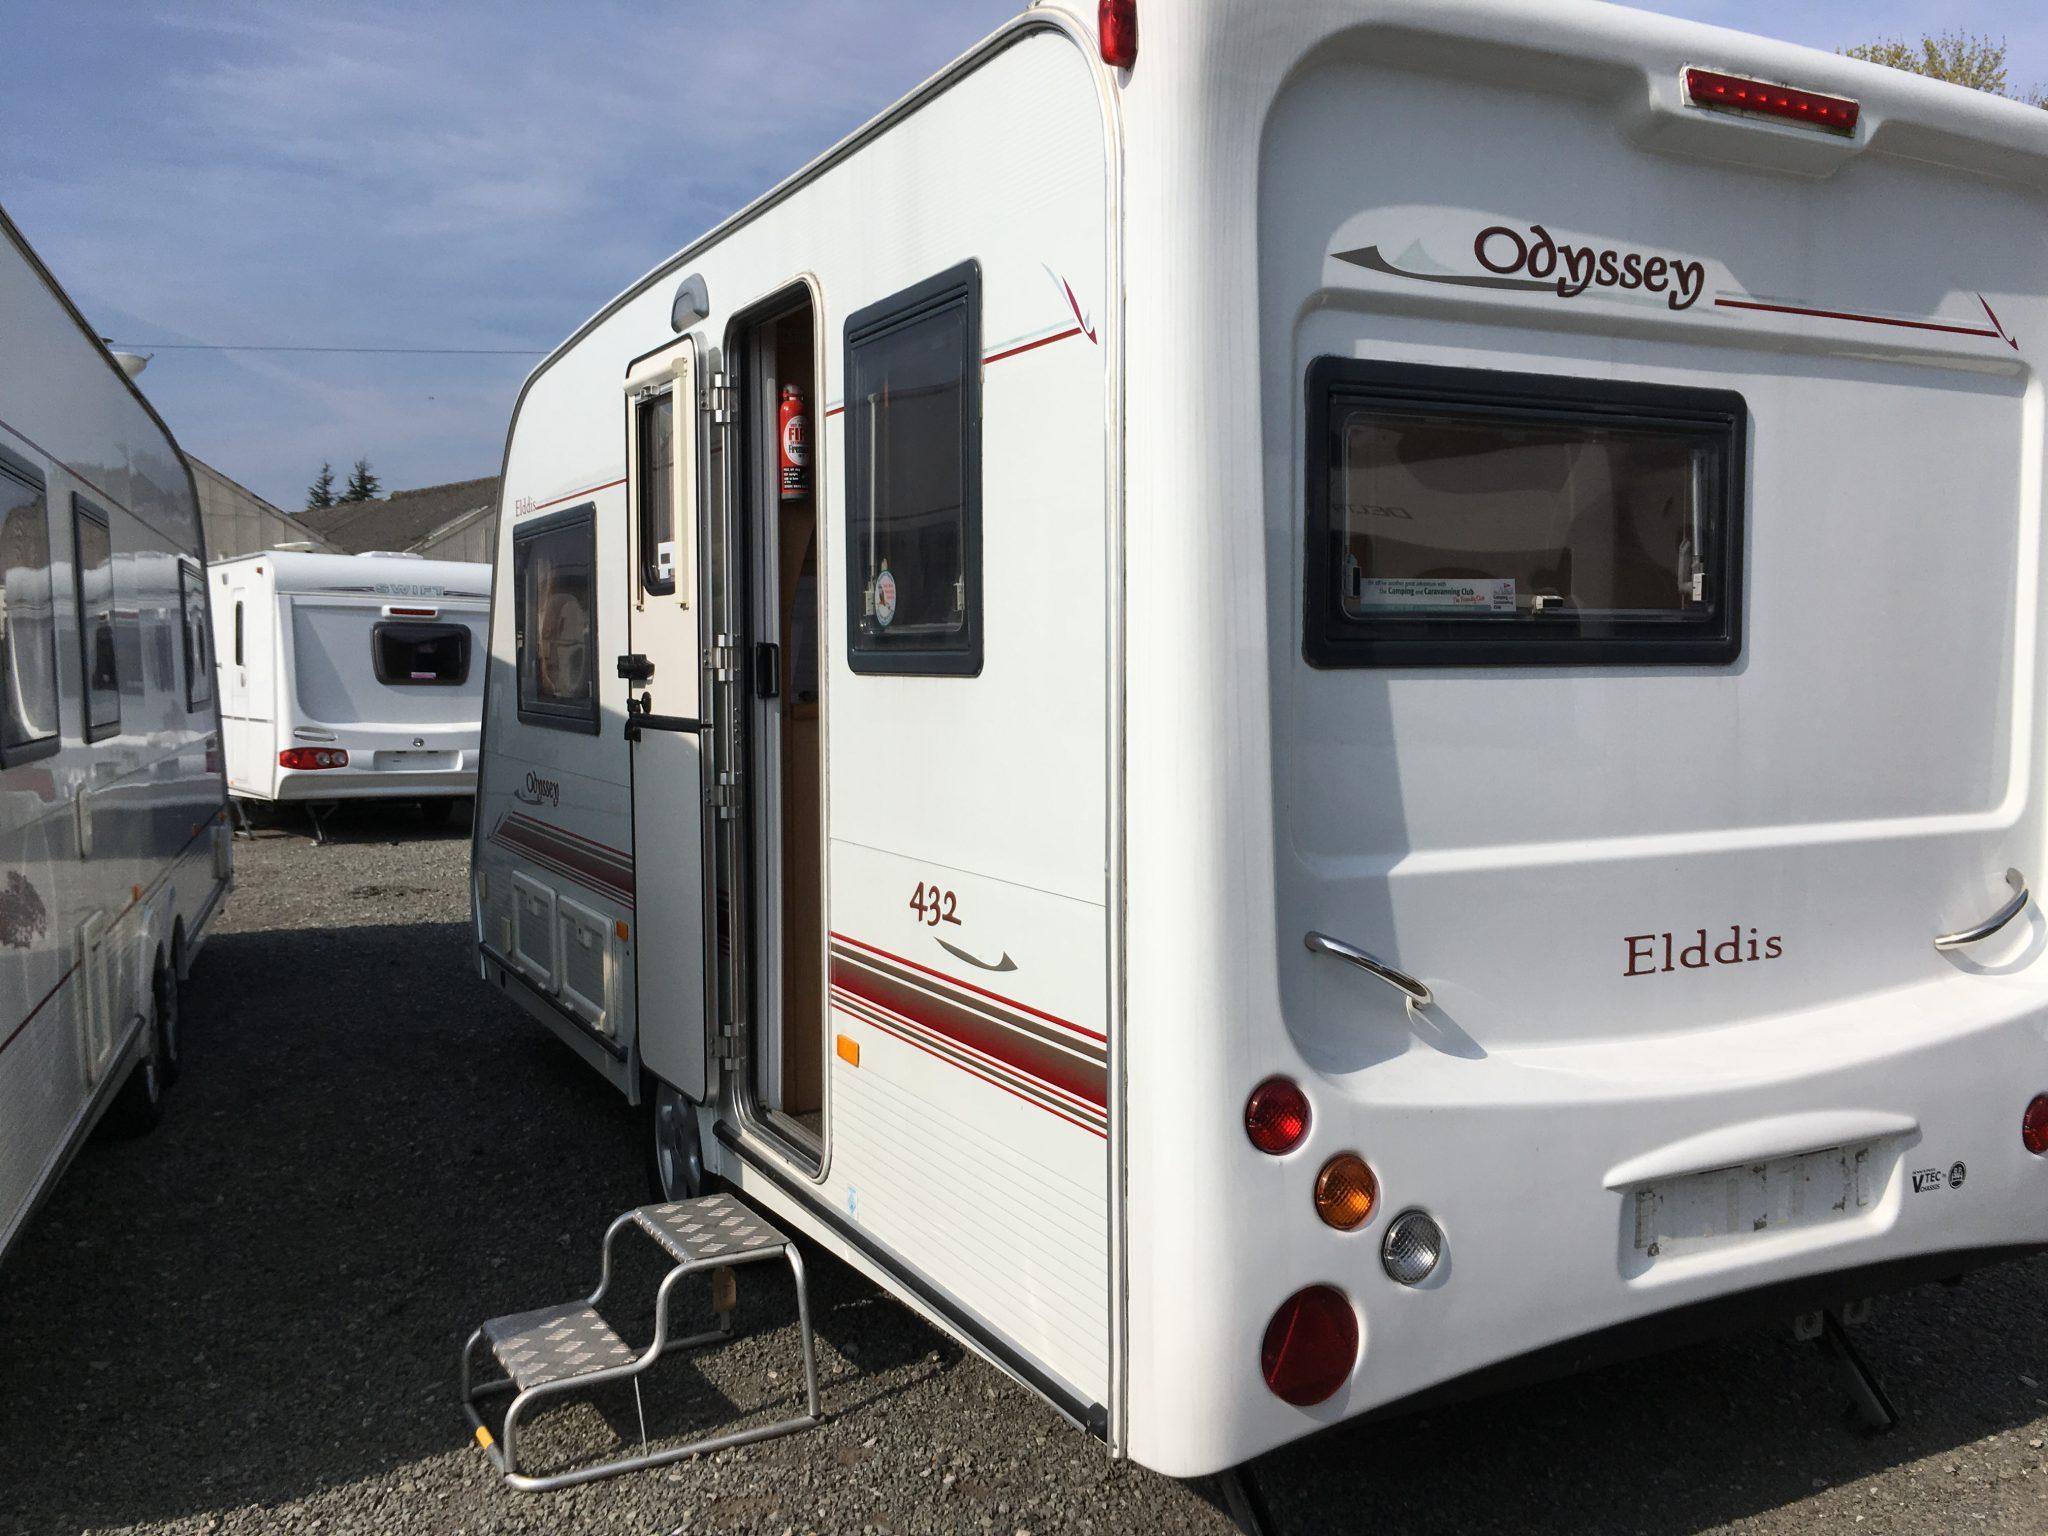 Elddis Odyssey 432